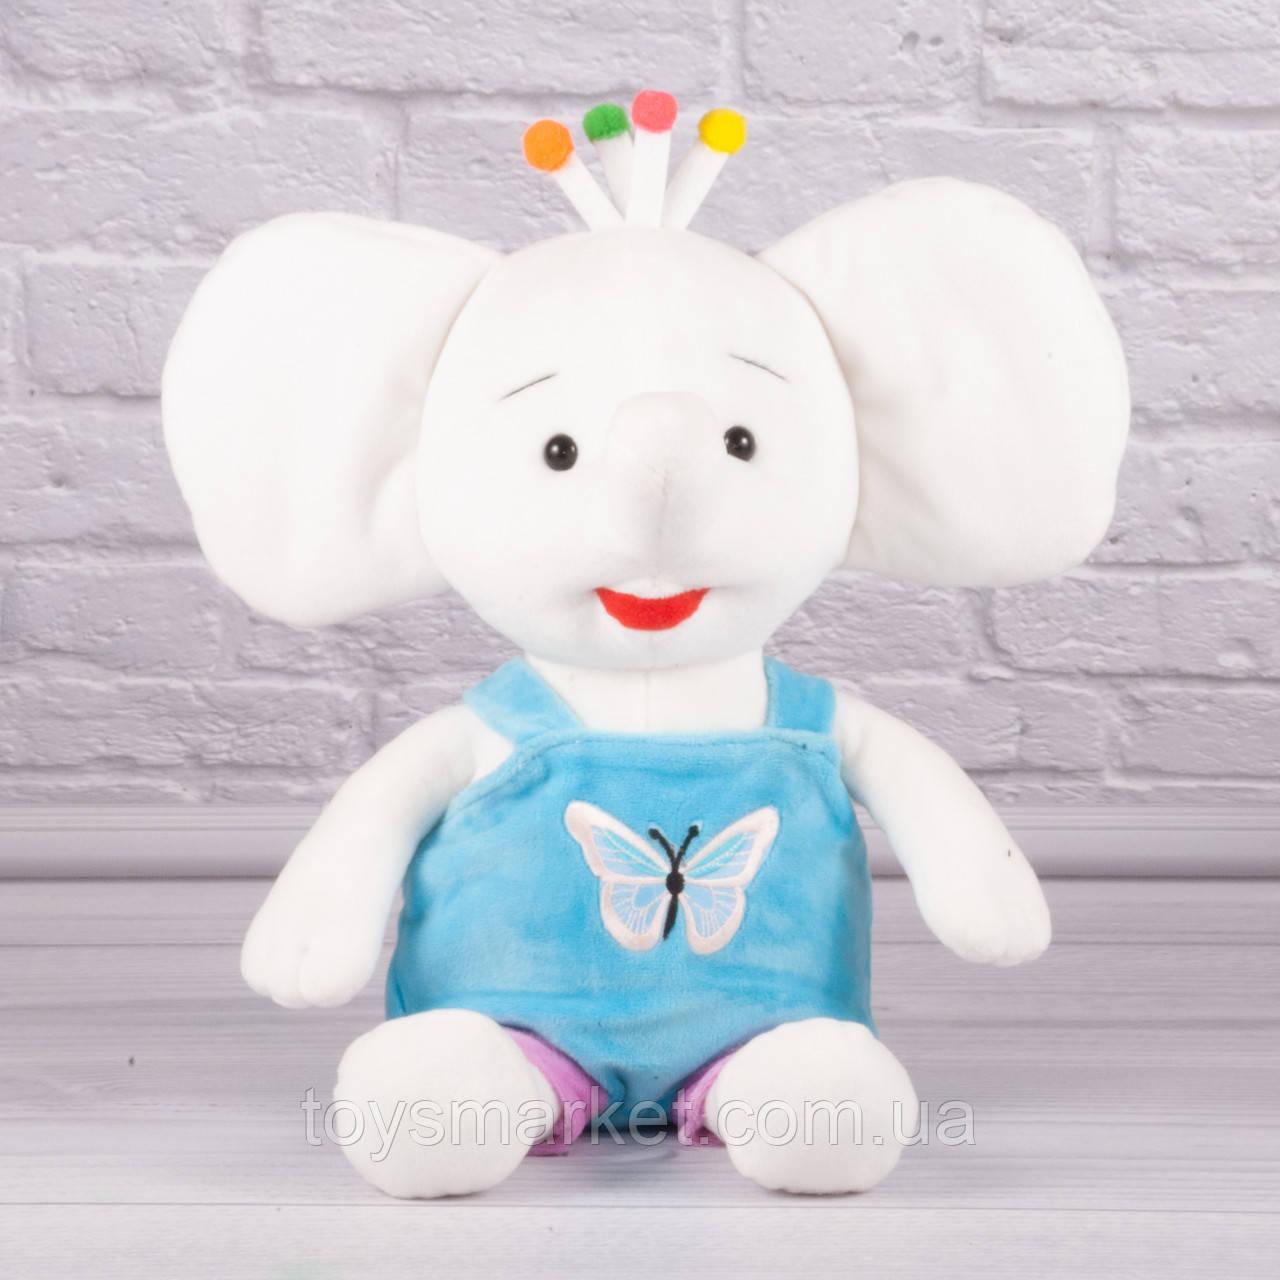 """Мягкая игрушка Слон """"Тося"""", плюшевый слоник"""